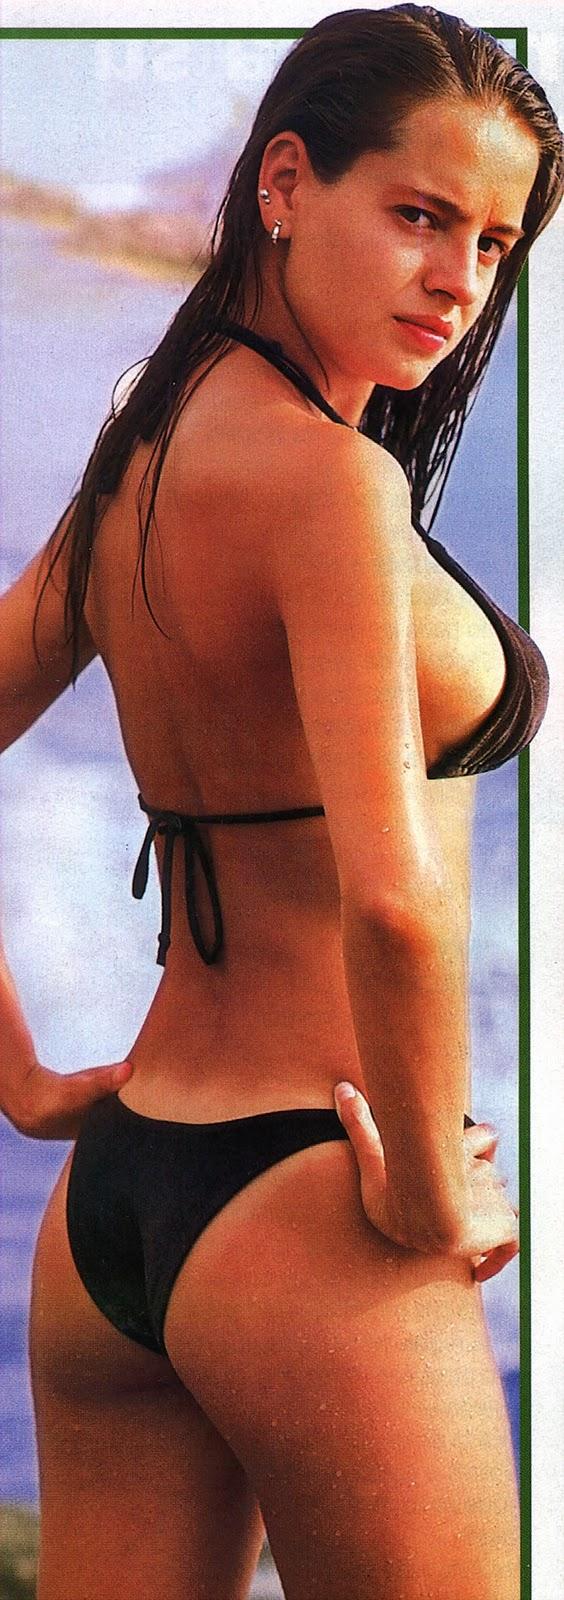 Bikini actriz en k u